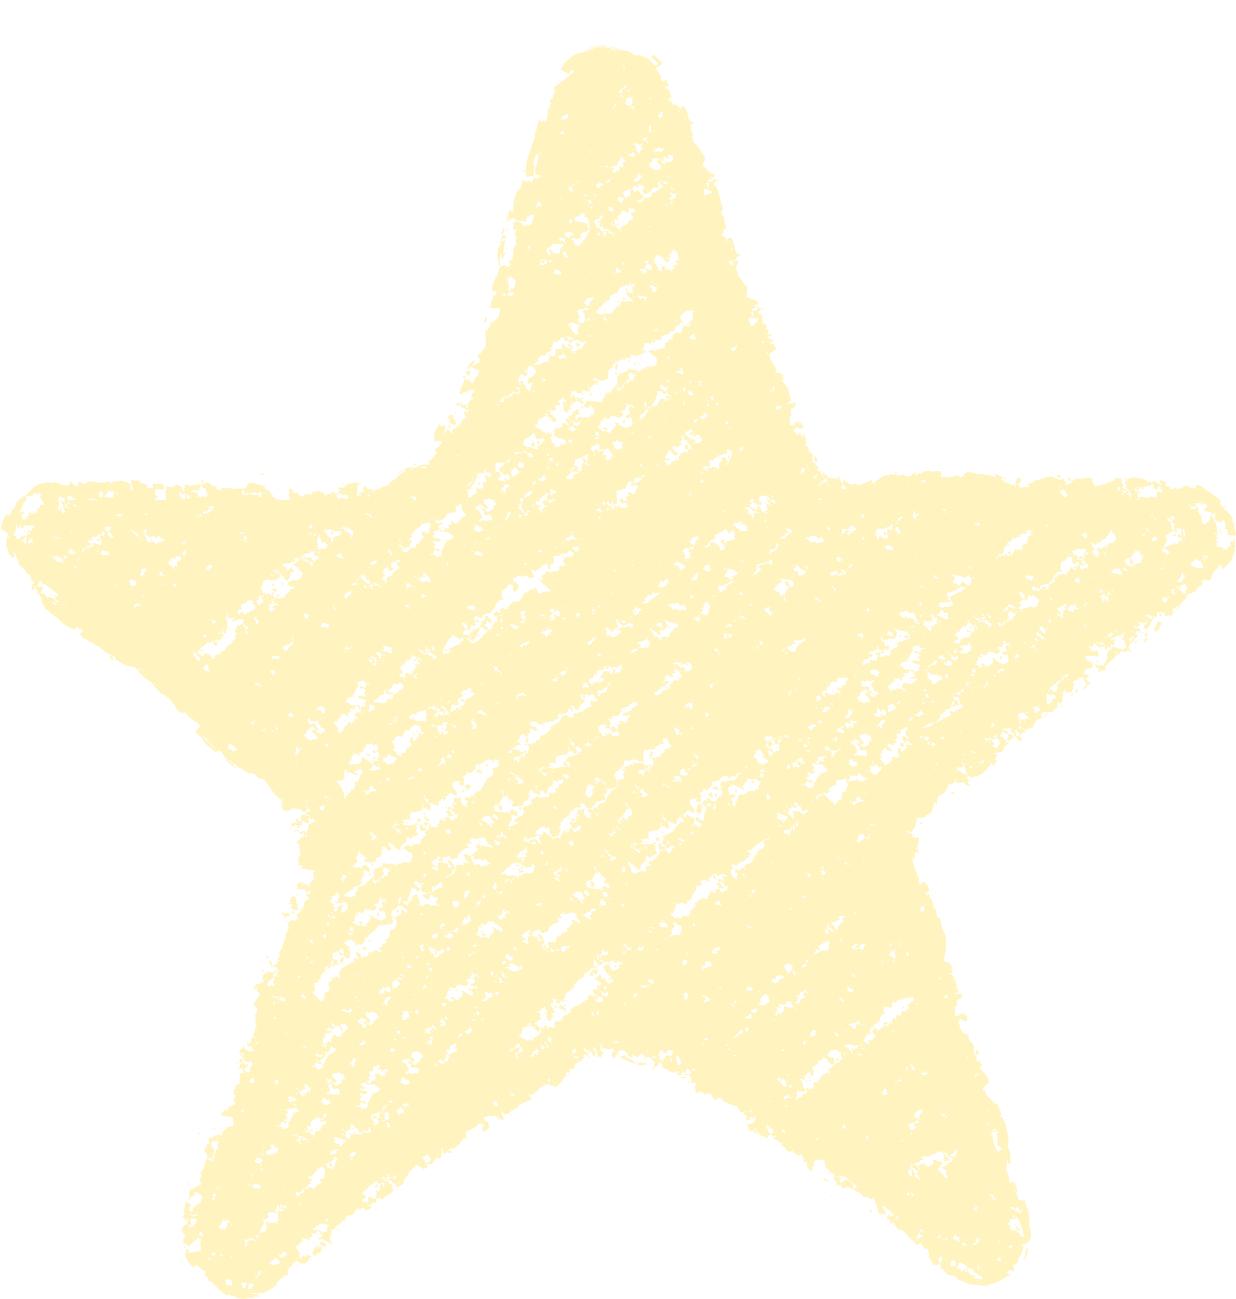 クレヨン塗り背景 パステル 黄色 新(イエロー)星のイラスト star_l_yellow